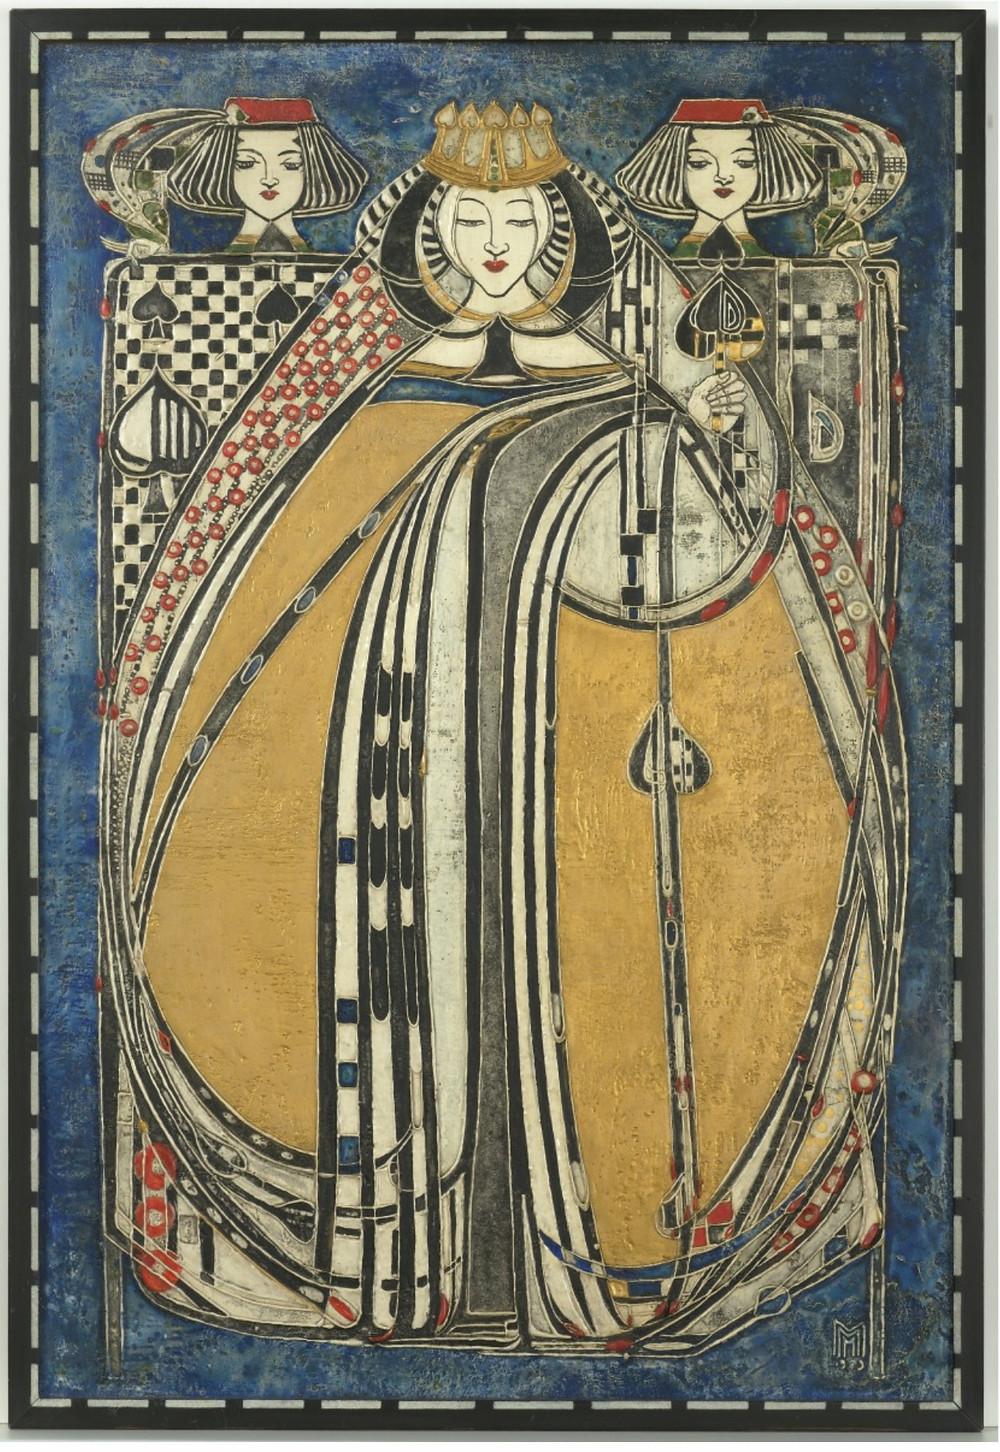 Queen Of Spades by Margaret Macdonald Macintosh